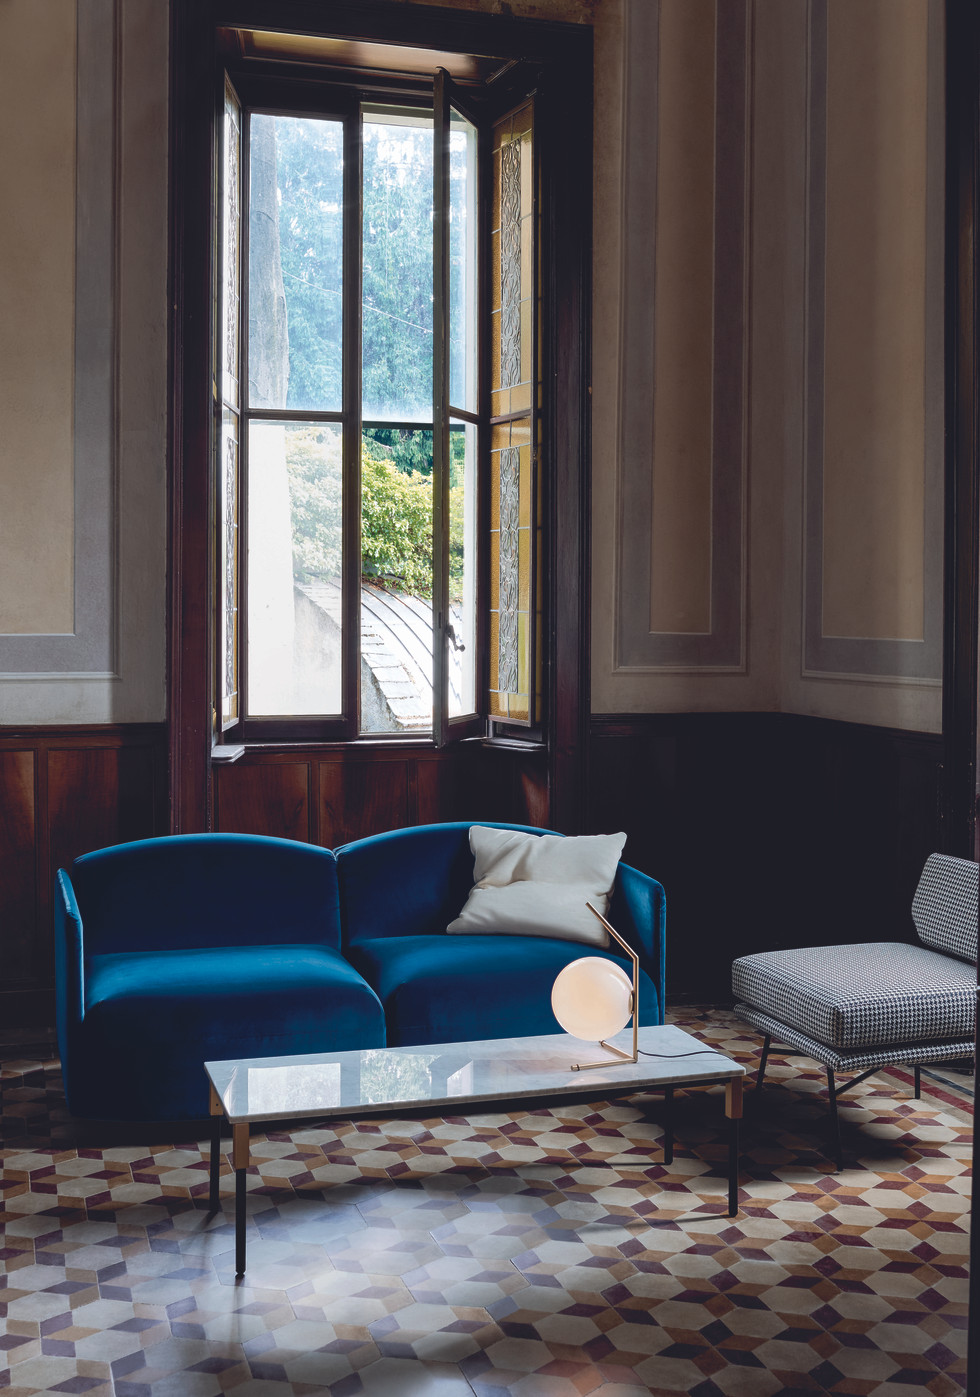 arflex-match-small-table-design-bernhard